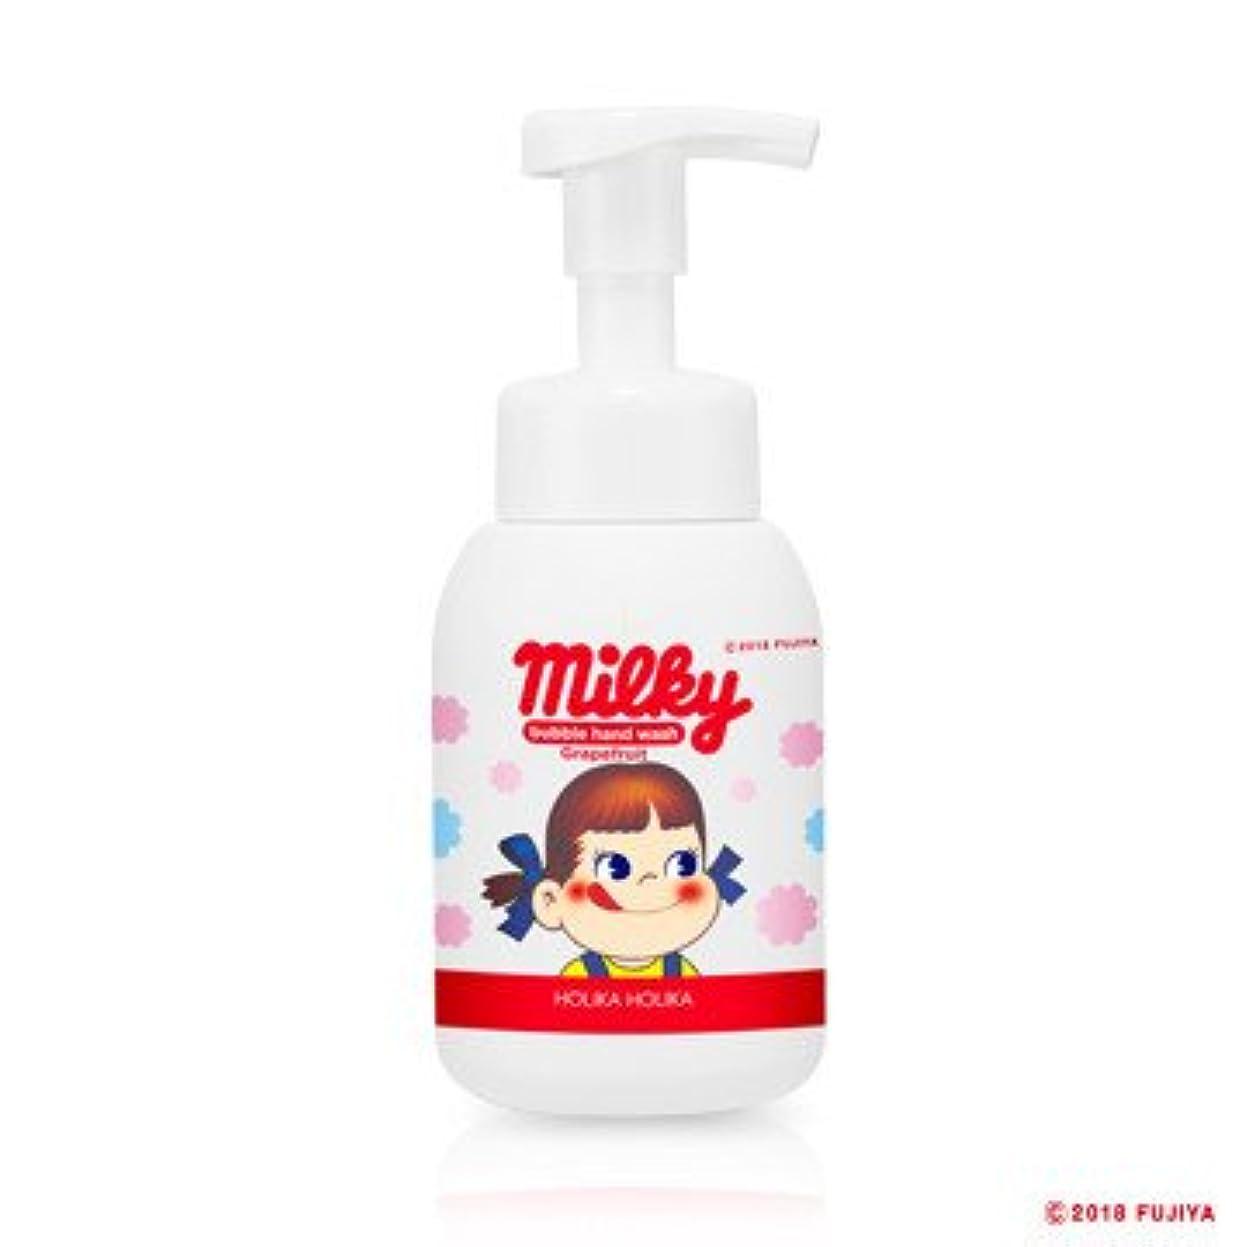 風邪をひく斧バスケットボールHolika Holika [Sweet Peko Edition] Bubble Hand Wash/ホリカホリカ [スイートペコエディション] バブルハンドウォッシュ 250ml [並行輸入品]